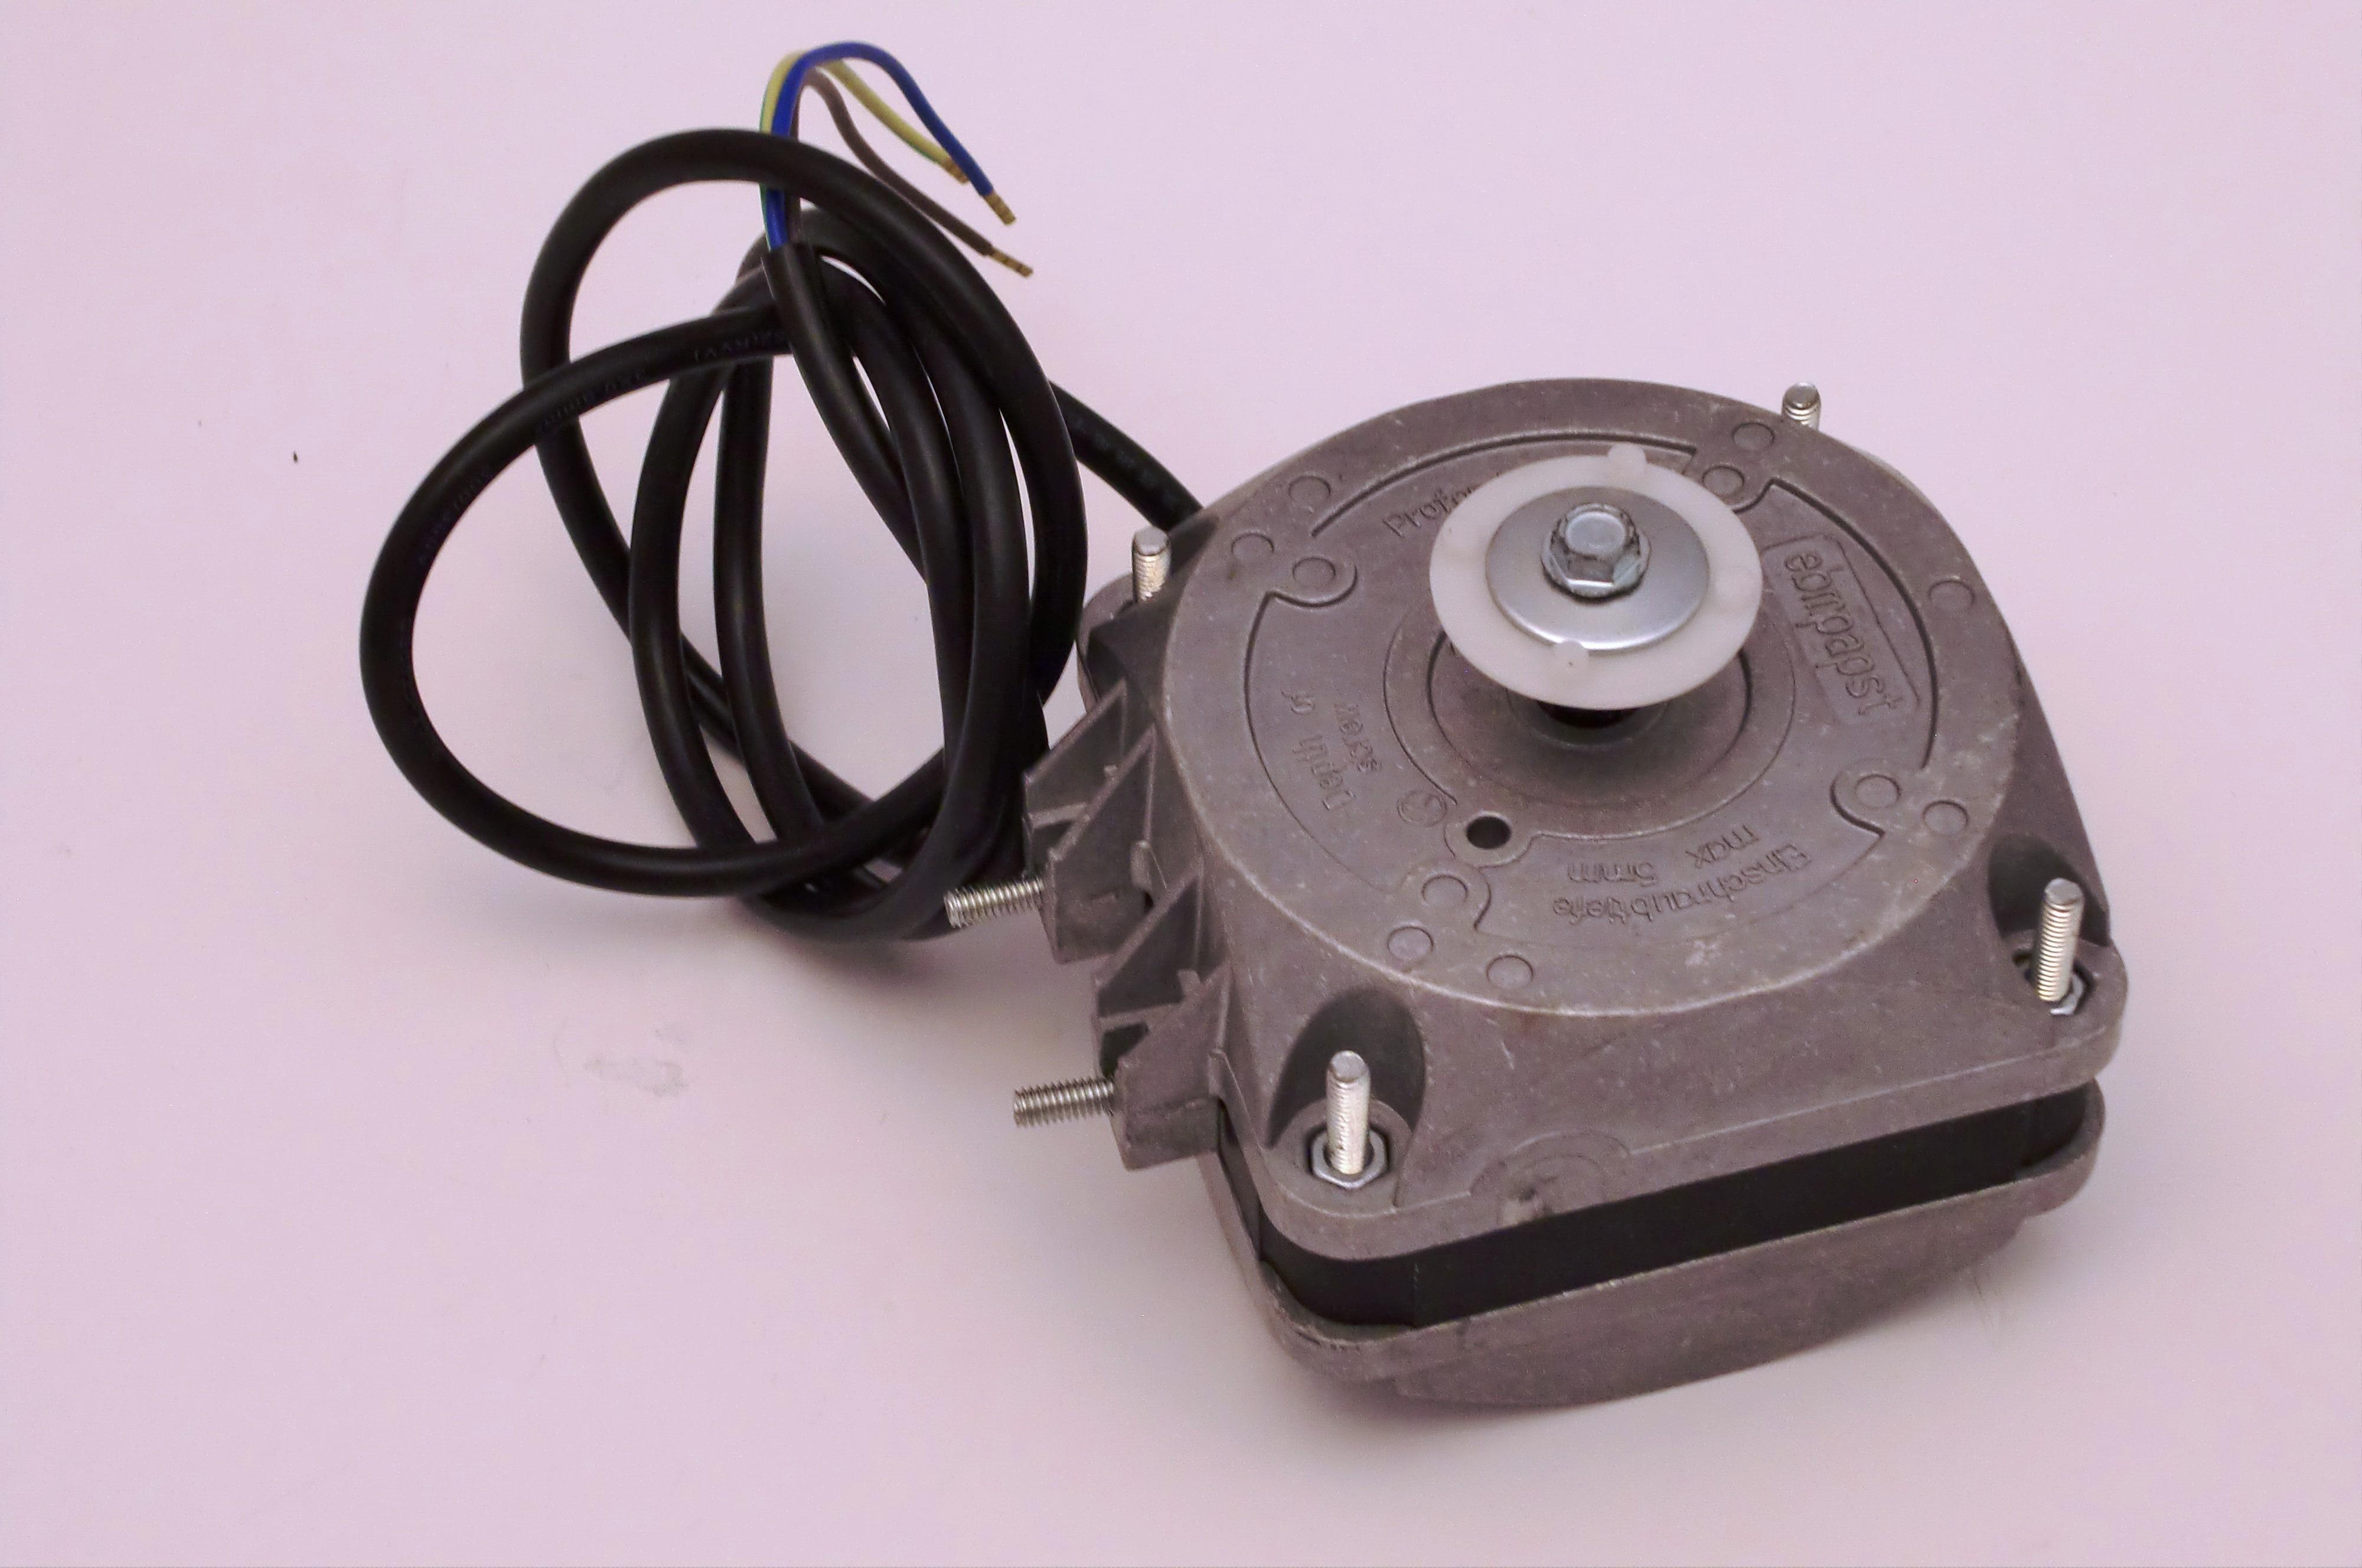 Ebm papst iq3608 01040 condenser fan motor 16w for Ebm papst fan motor